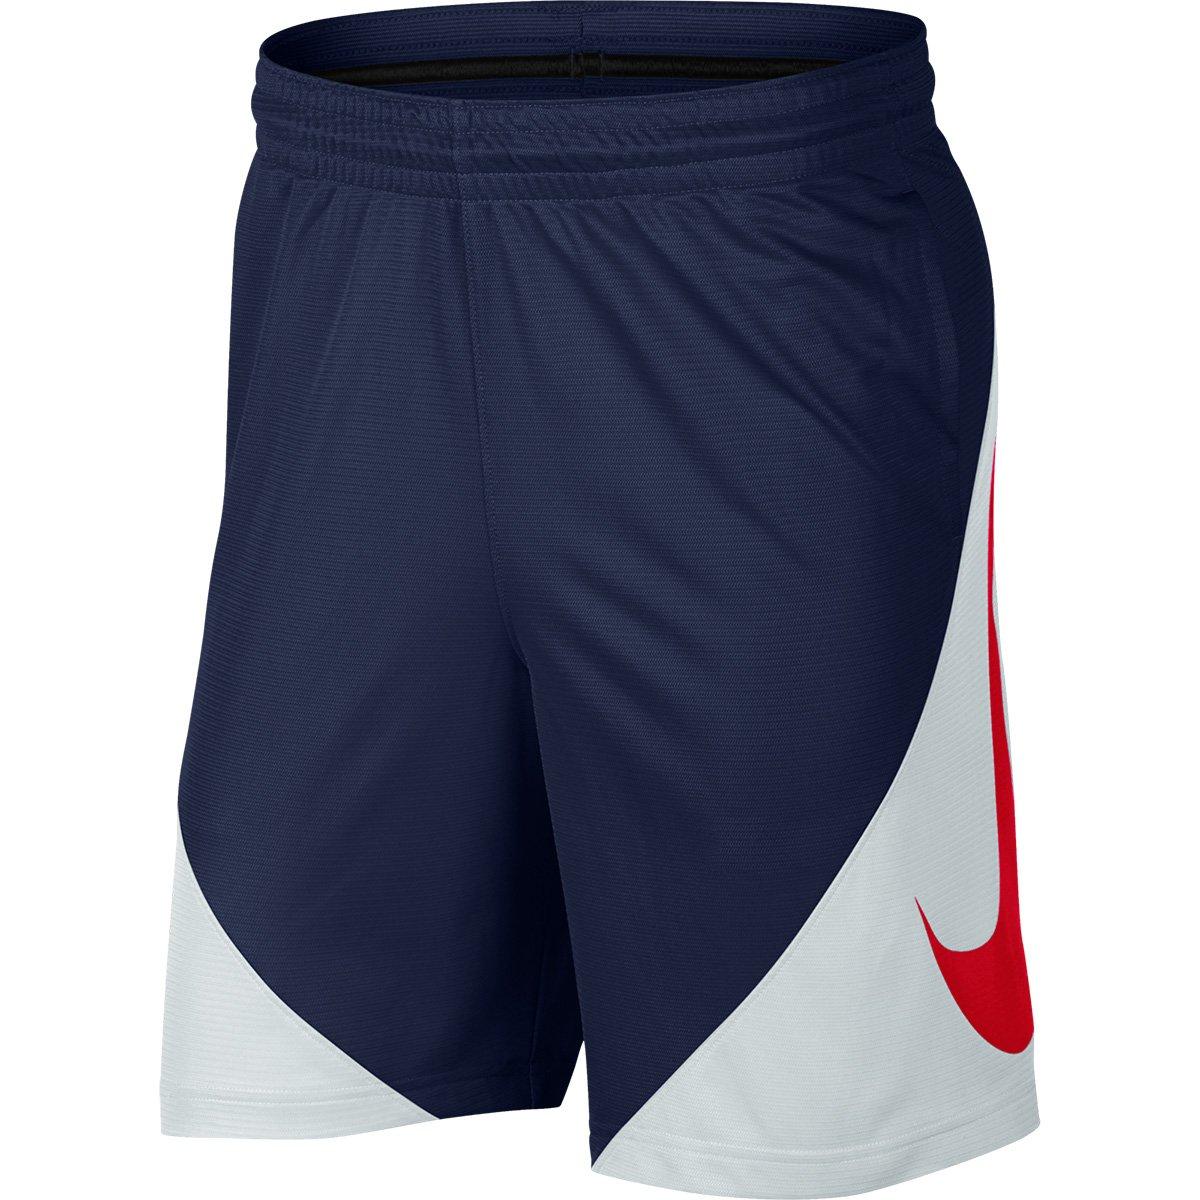 lo último más vendido colección de descuento Bermuda Nike HBR Masculina - Roxo e Vermelho | Netshoes